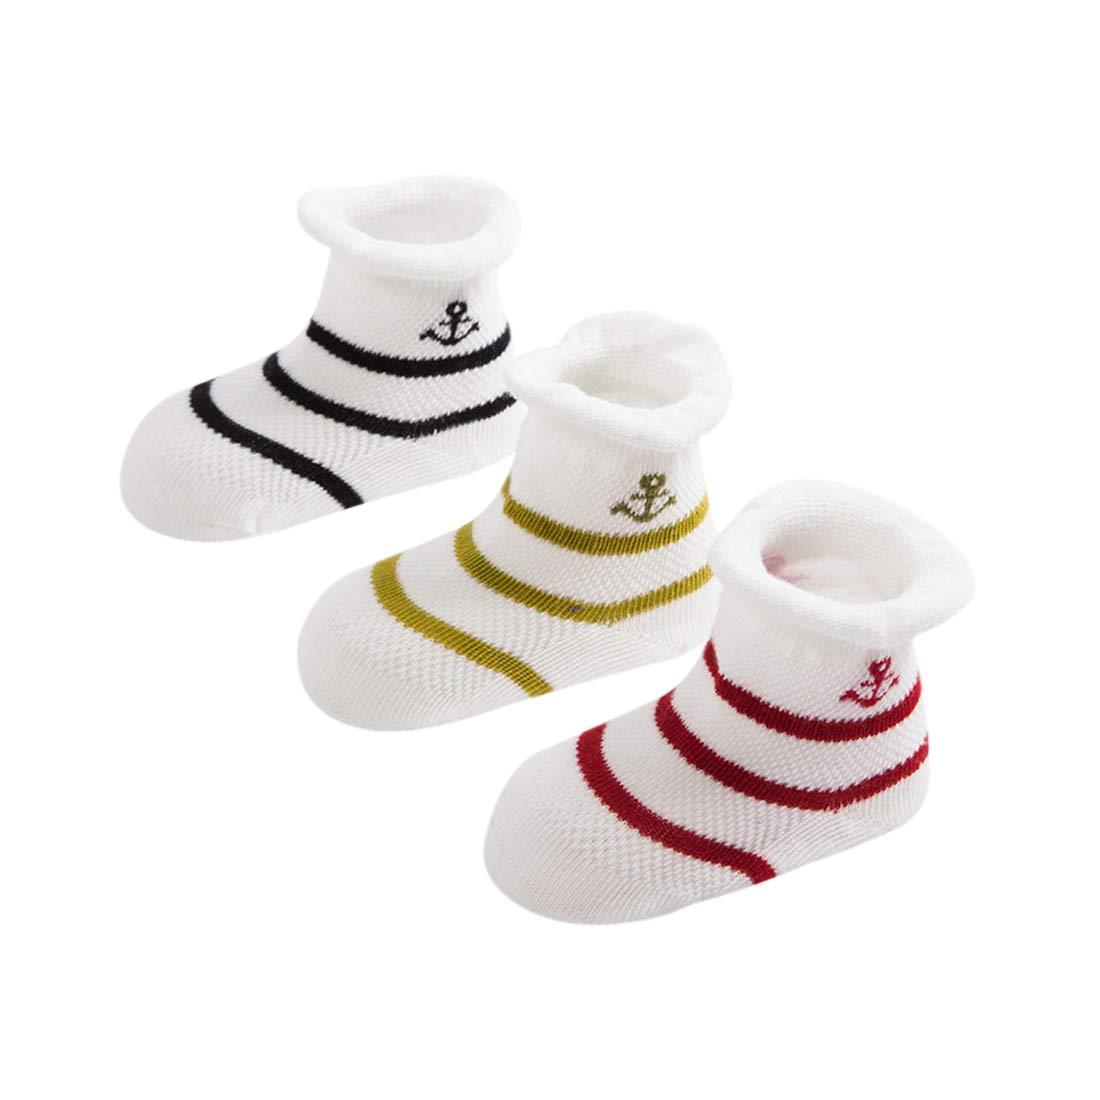 DEBAIJIA 3 Paar Baby Socken Kinder Neugeborenes Gestreifte S/öckchen Warme Kuschelsocken Weich S/ü/ß Bequem Baumwolle f/ür 0-3 Jahre alt Junge M/ädchen f/ür alle Jahreszeiten